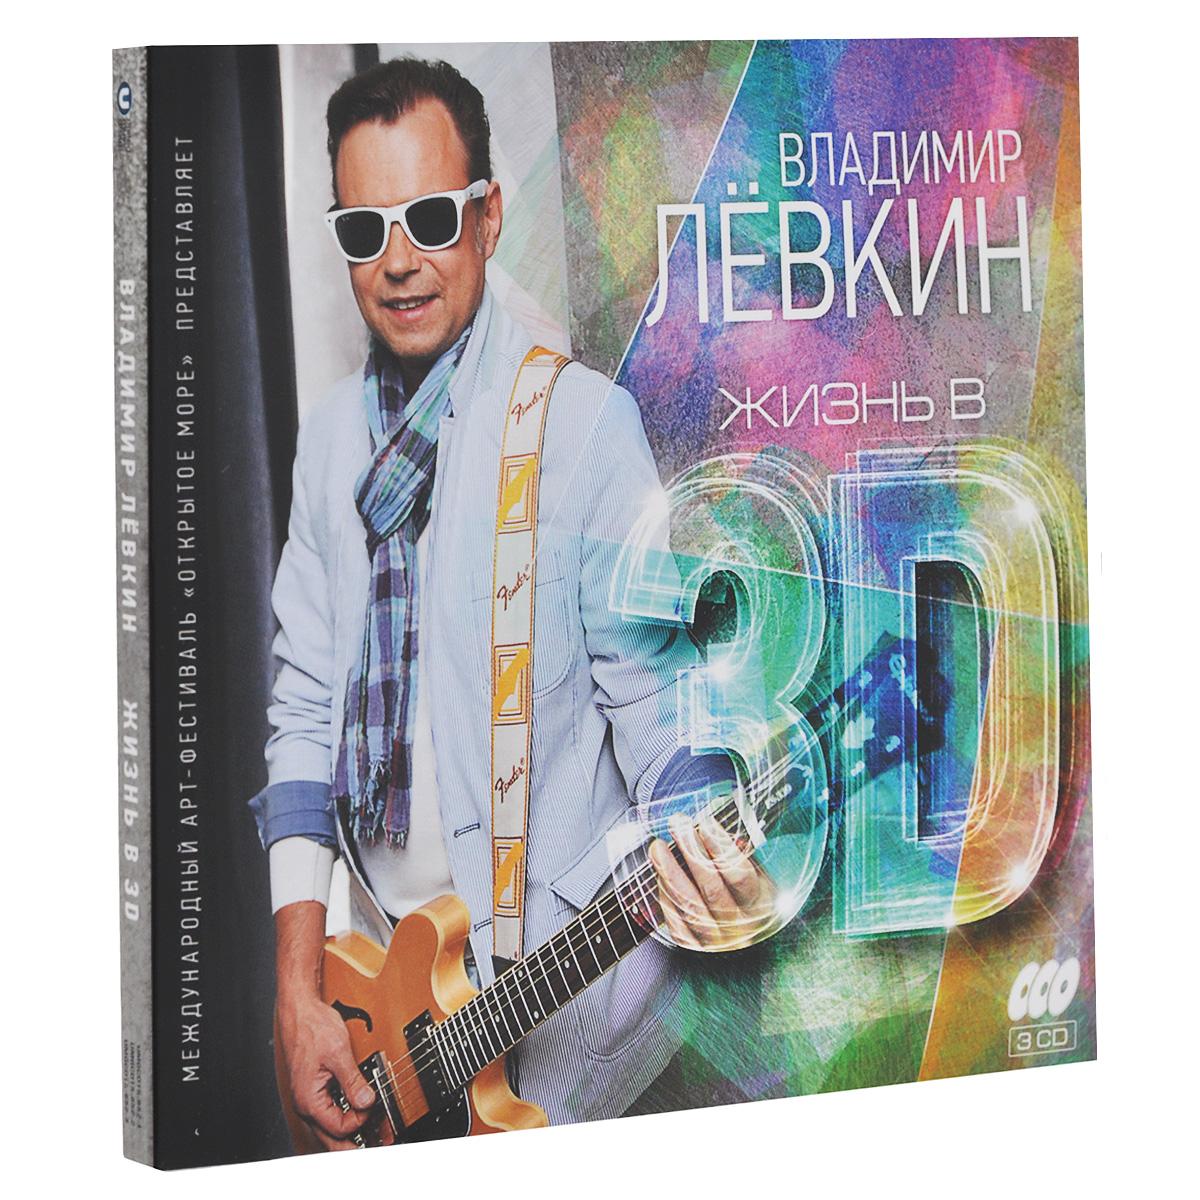 Владимир Левкин Владимир Левкин. Жизнь в 3D (3 CD) андрей левкин из чикаго